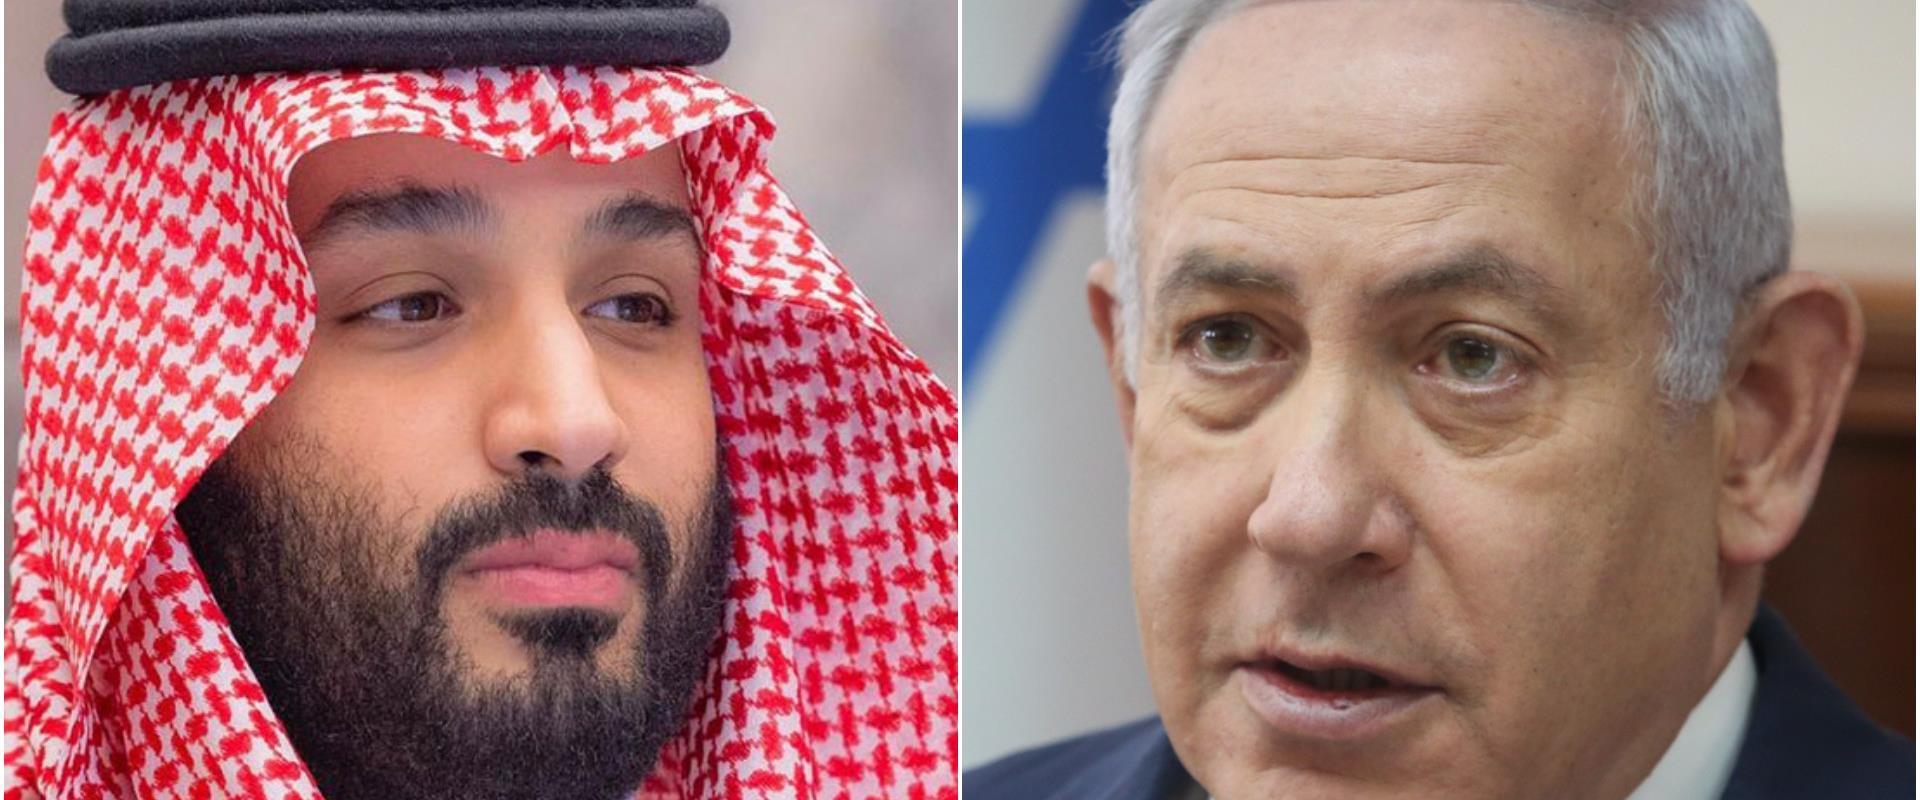 נתניהו והנסיך הסעודי